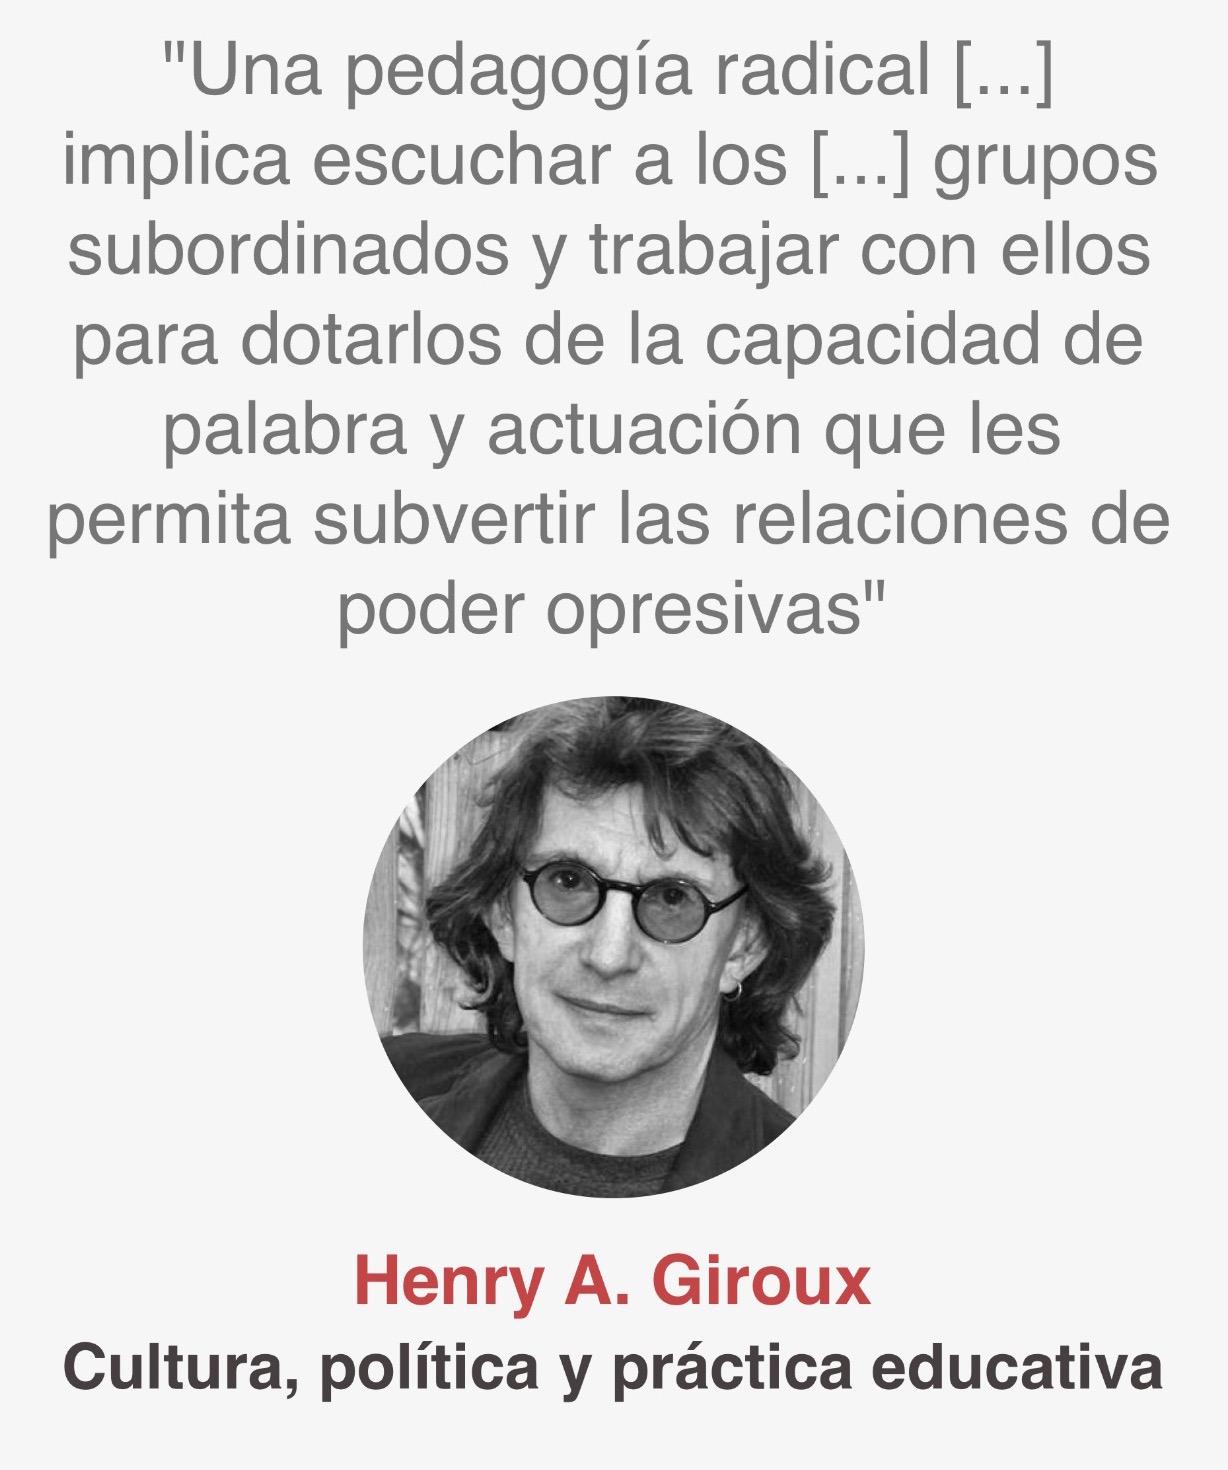 Cita Giroux